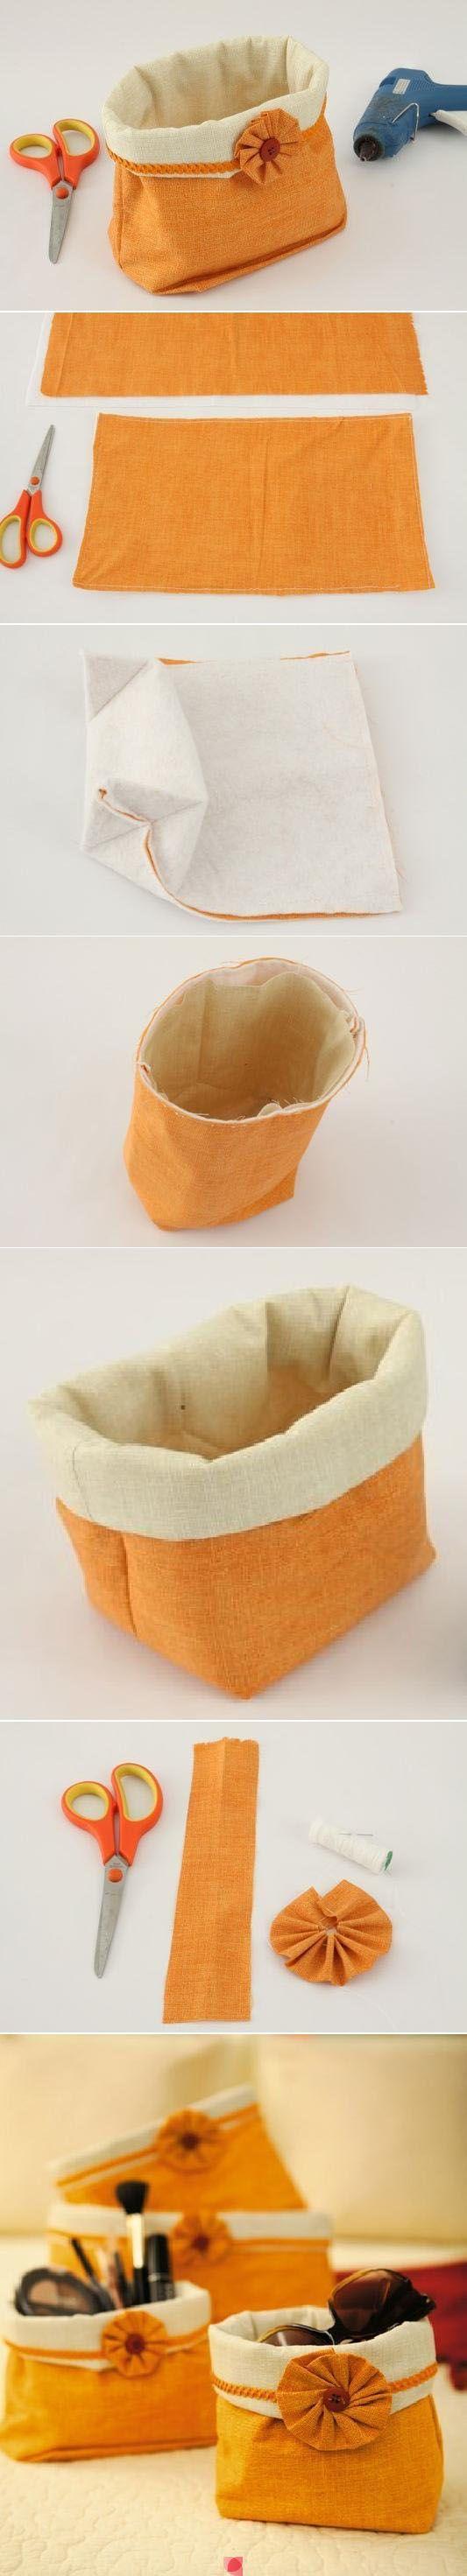 Sacchetti portaoggetti in stoffa